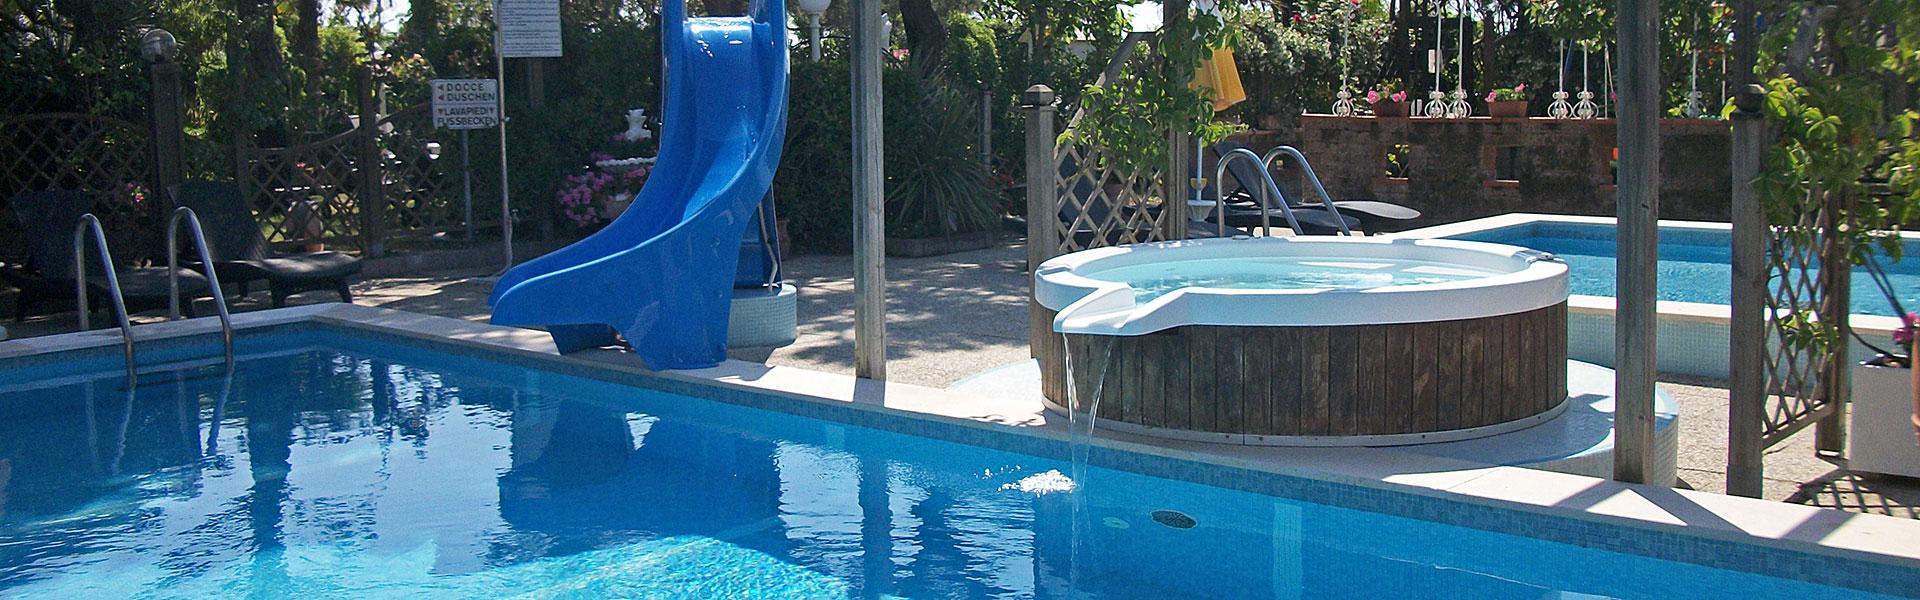 jesolo-hotel-piscine